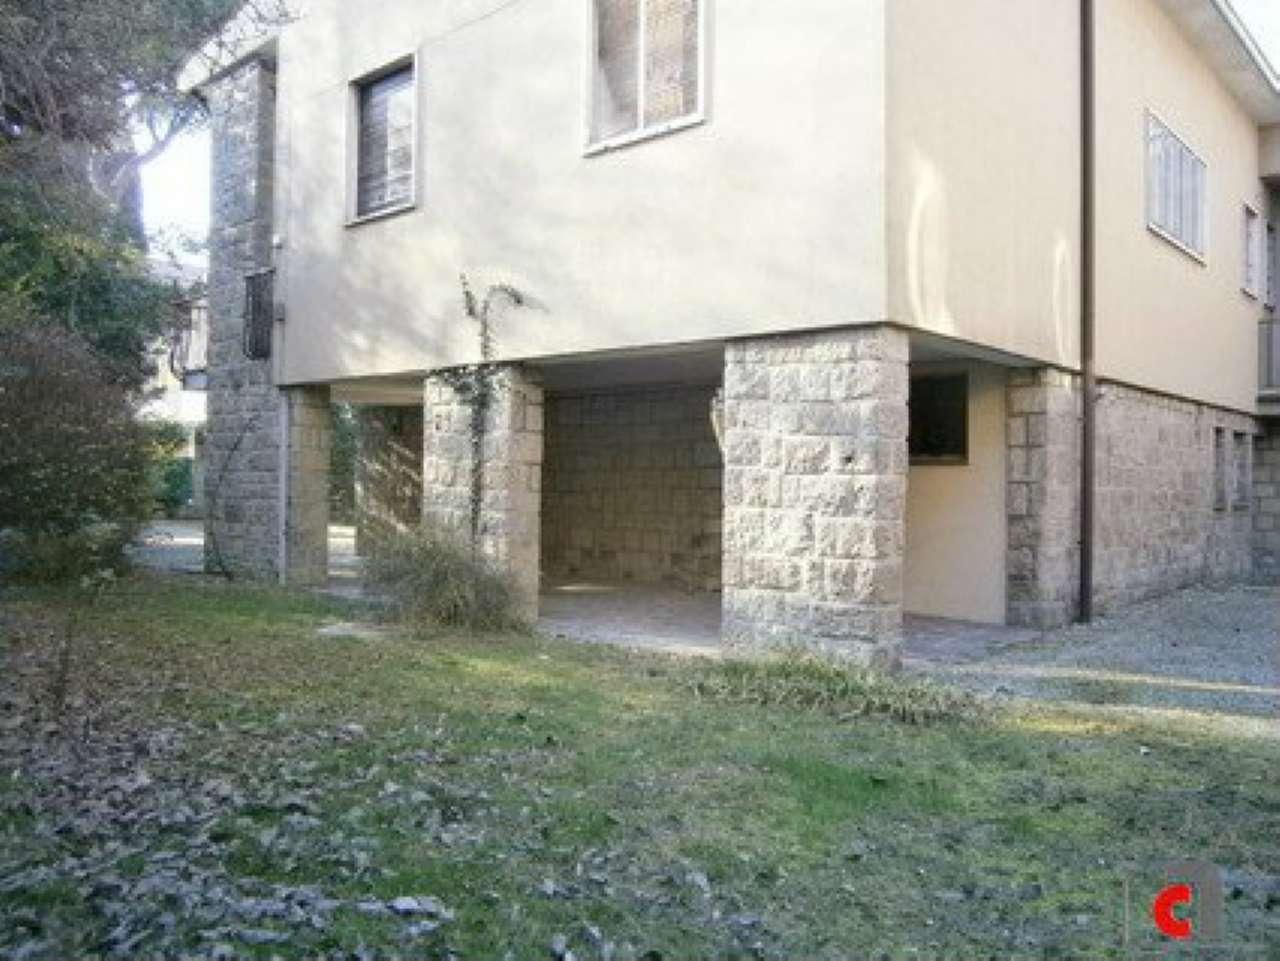 Soluzione Indipendente in vendita a Padova, 10 locali, zona Zona: 1 . Centro, prezzo € 950.000   Cambio Casa.it